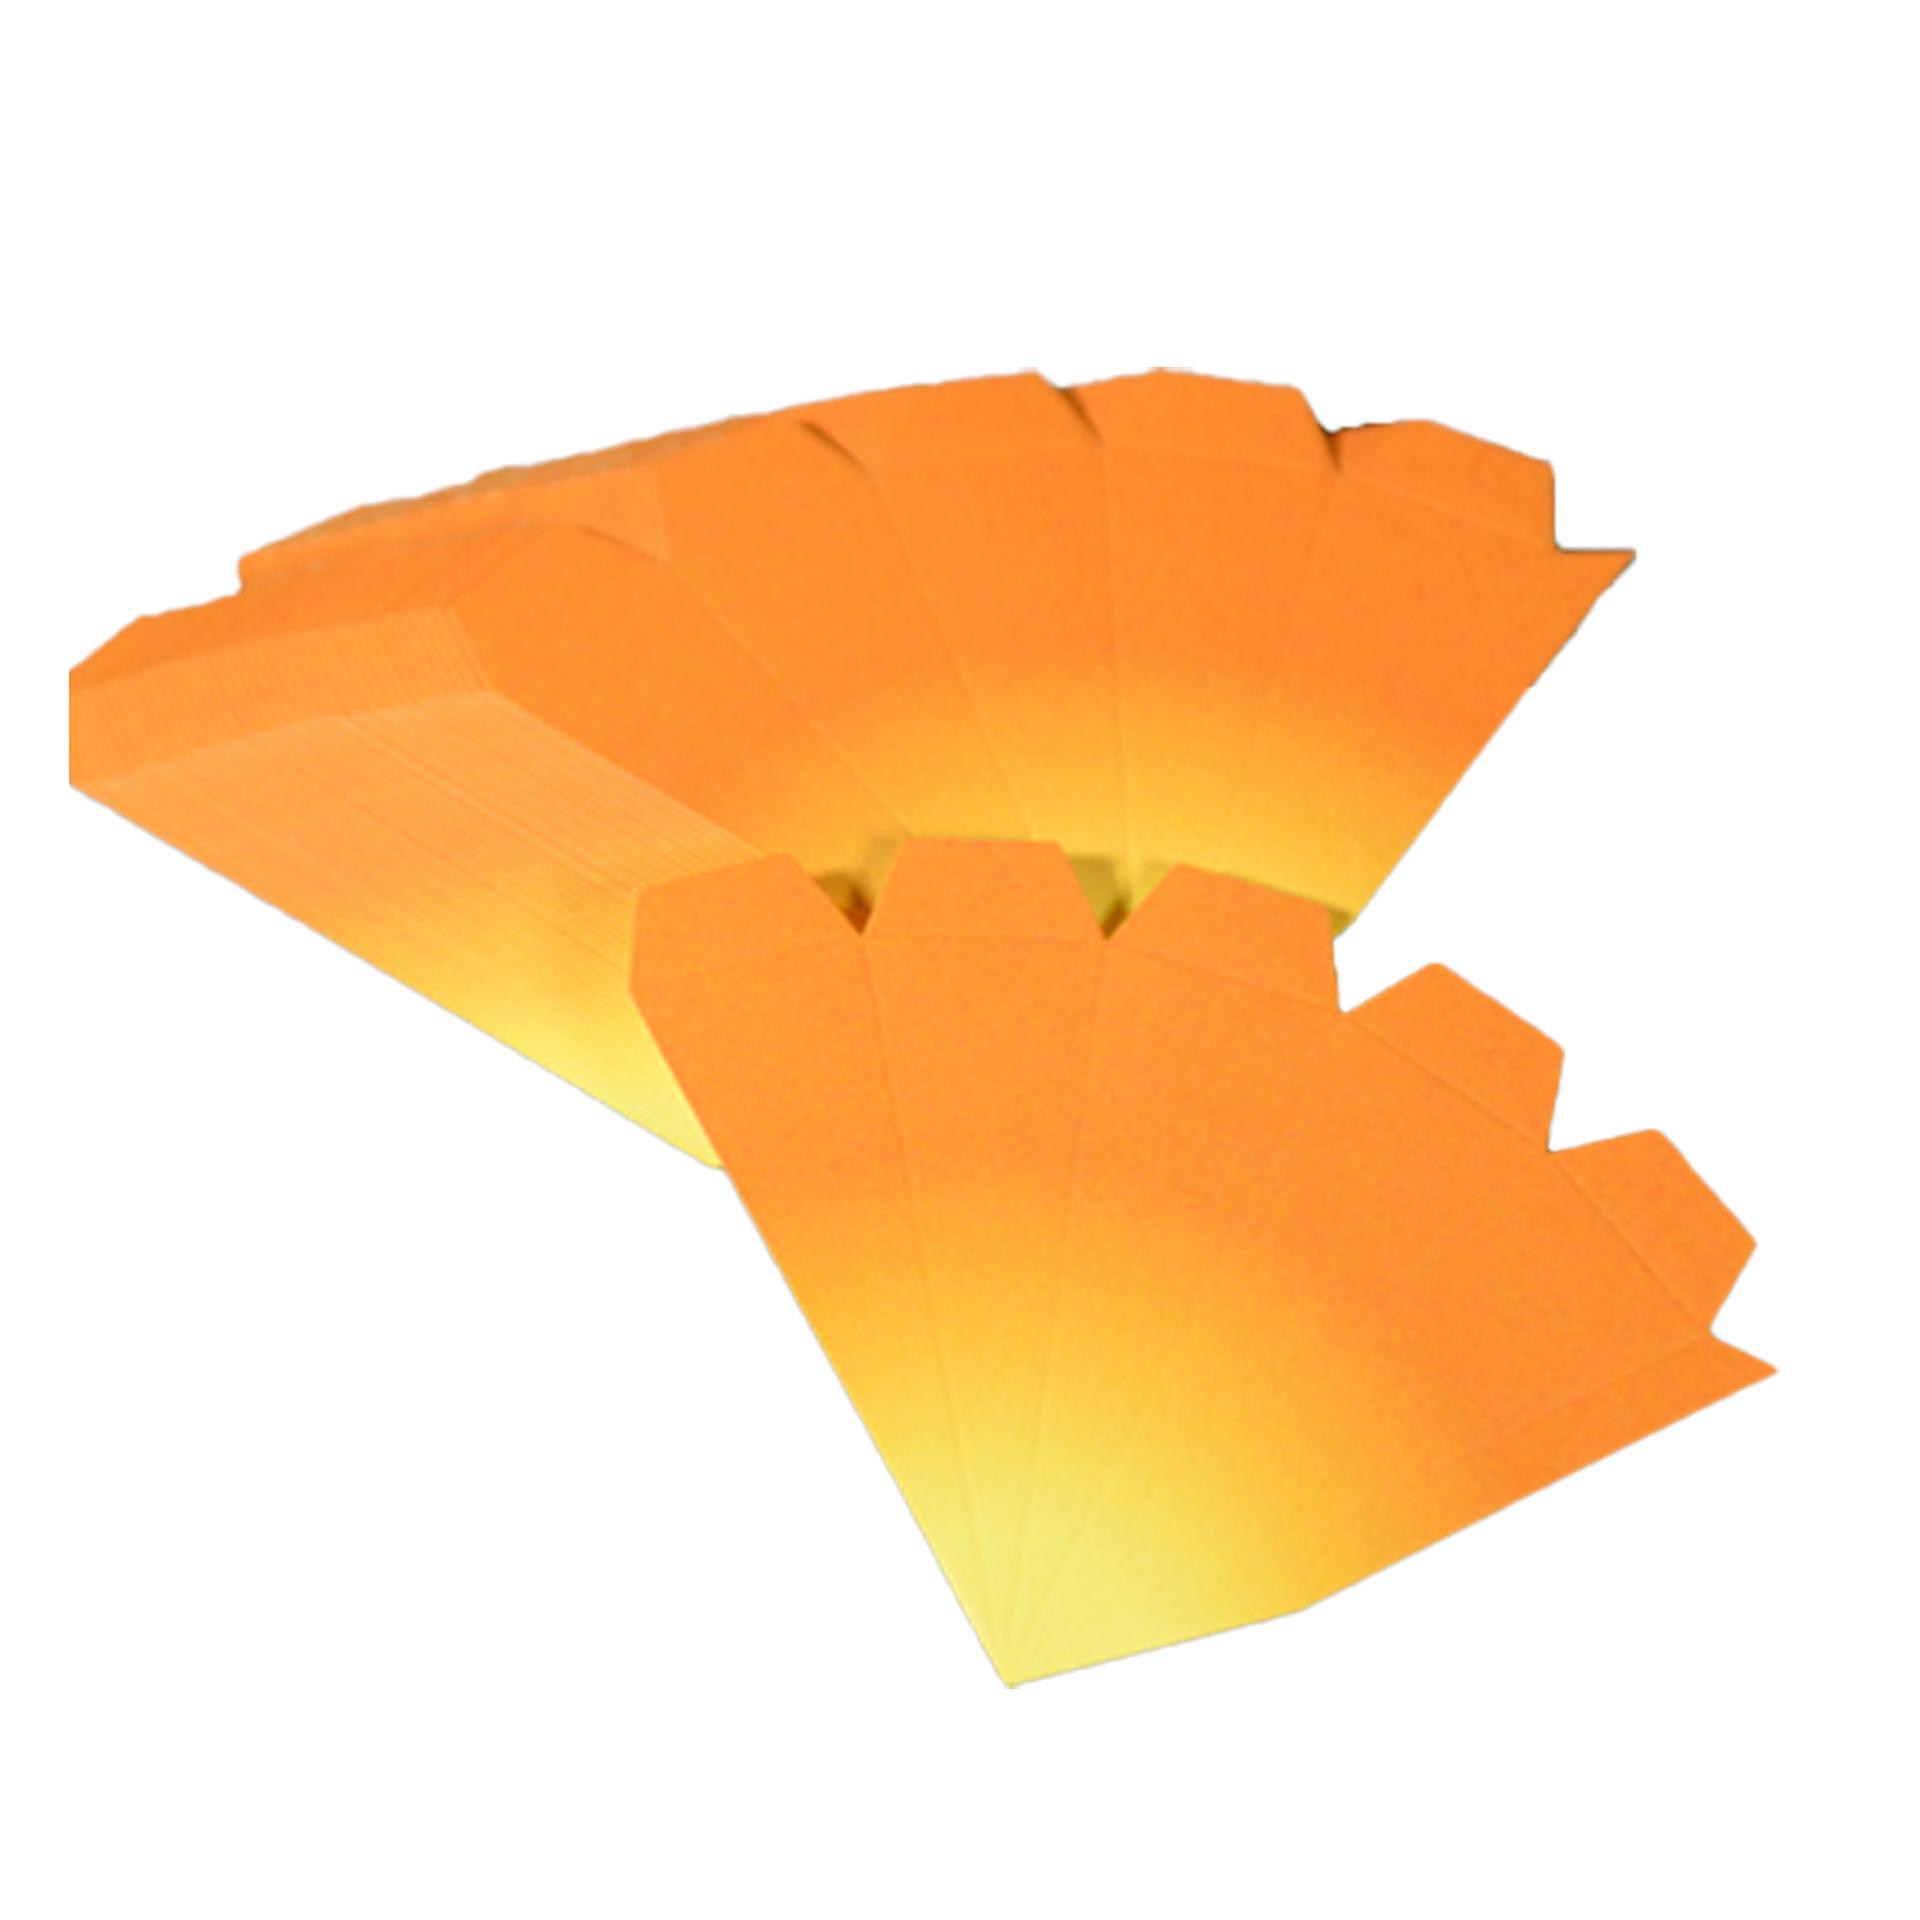 Bausatz für Adventssterne, 3er Set orange mit gelben Spitzen